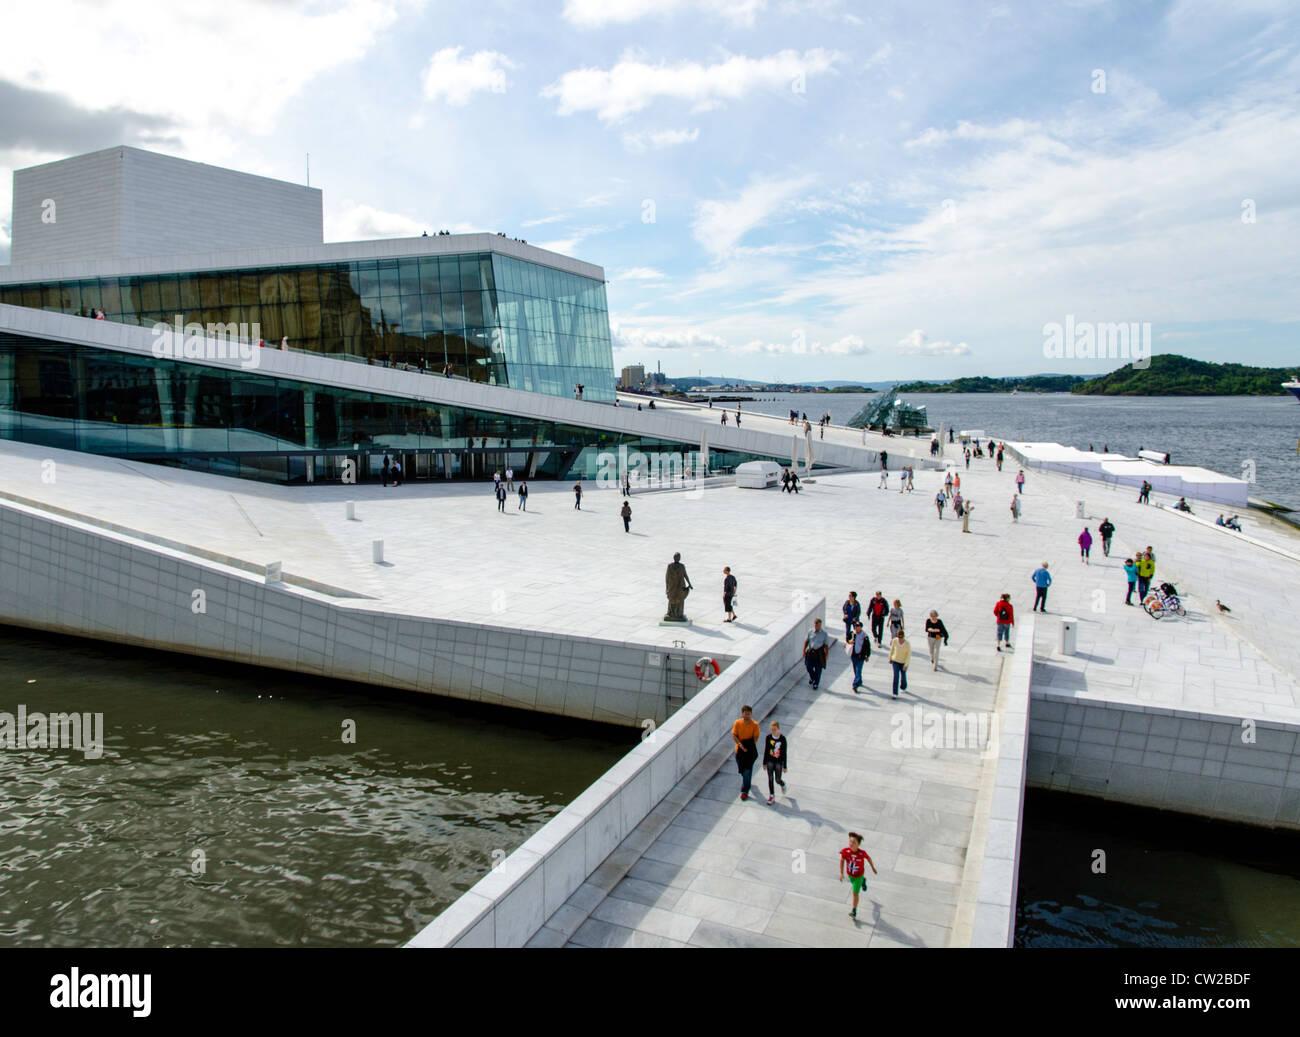 Opera House Oslo Norway Scandinavia - Stock Image